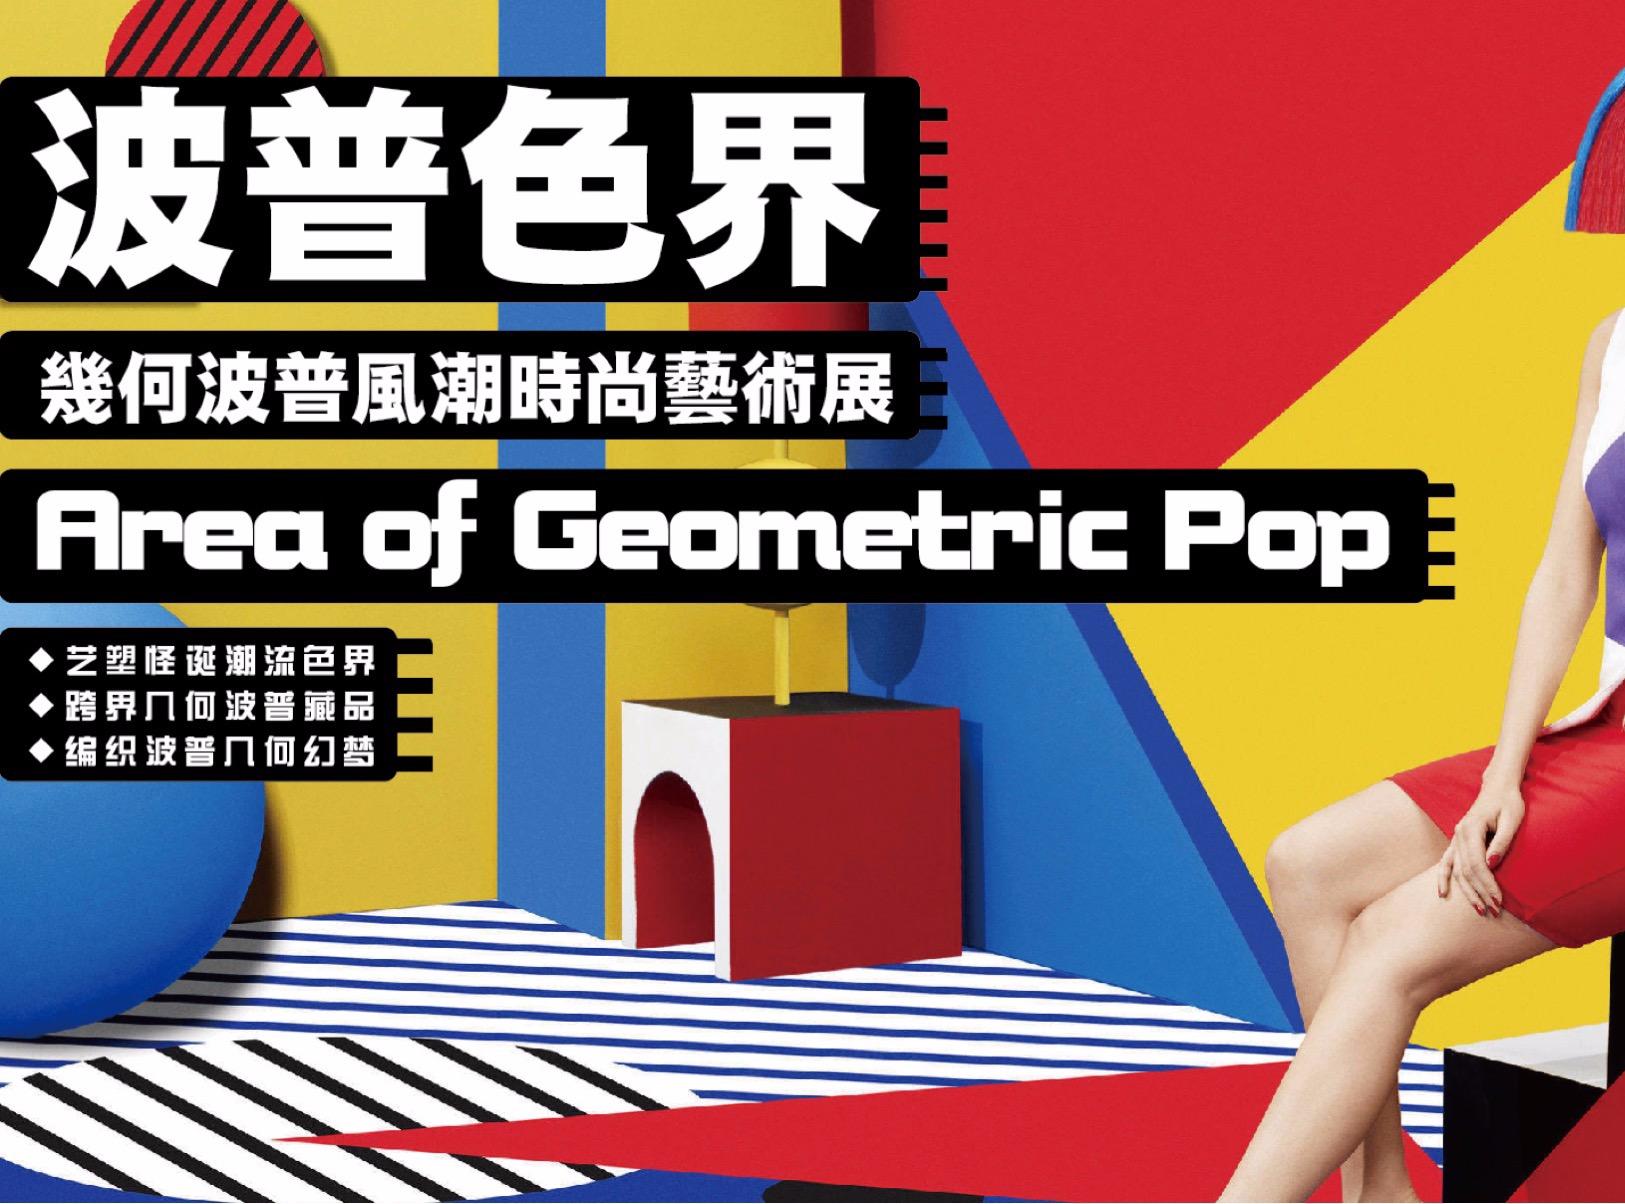 几何波普风潮时尚艺术展《波普色界》—感映艺术出品